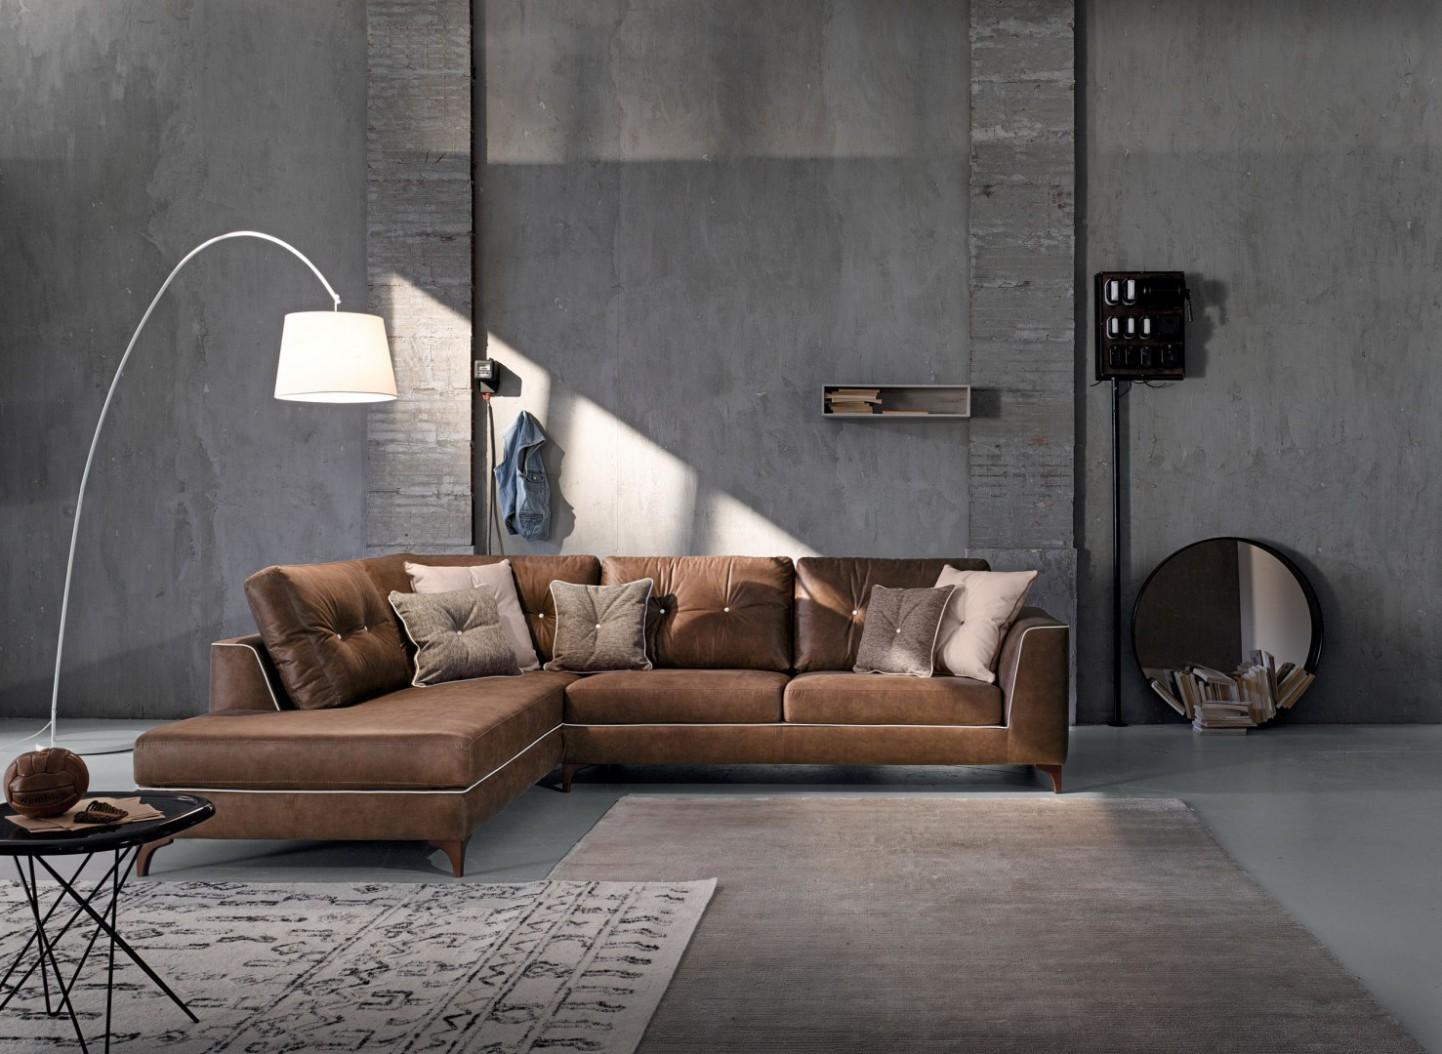 Divano steven le comfort centro dell 39 arredamento di savona - Divano le confort ...